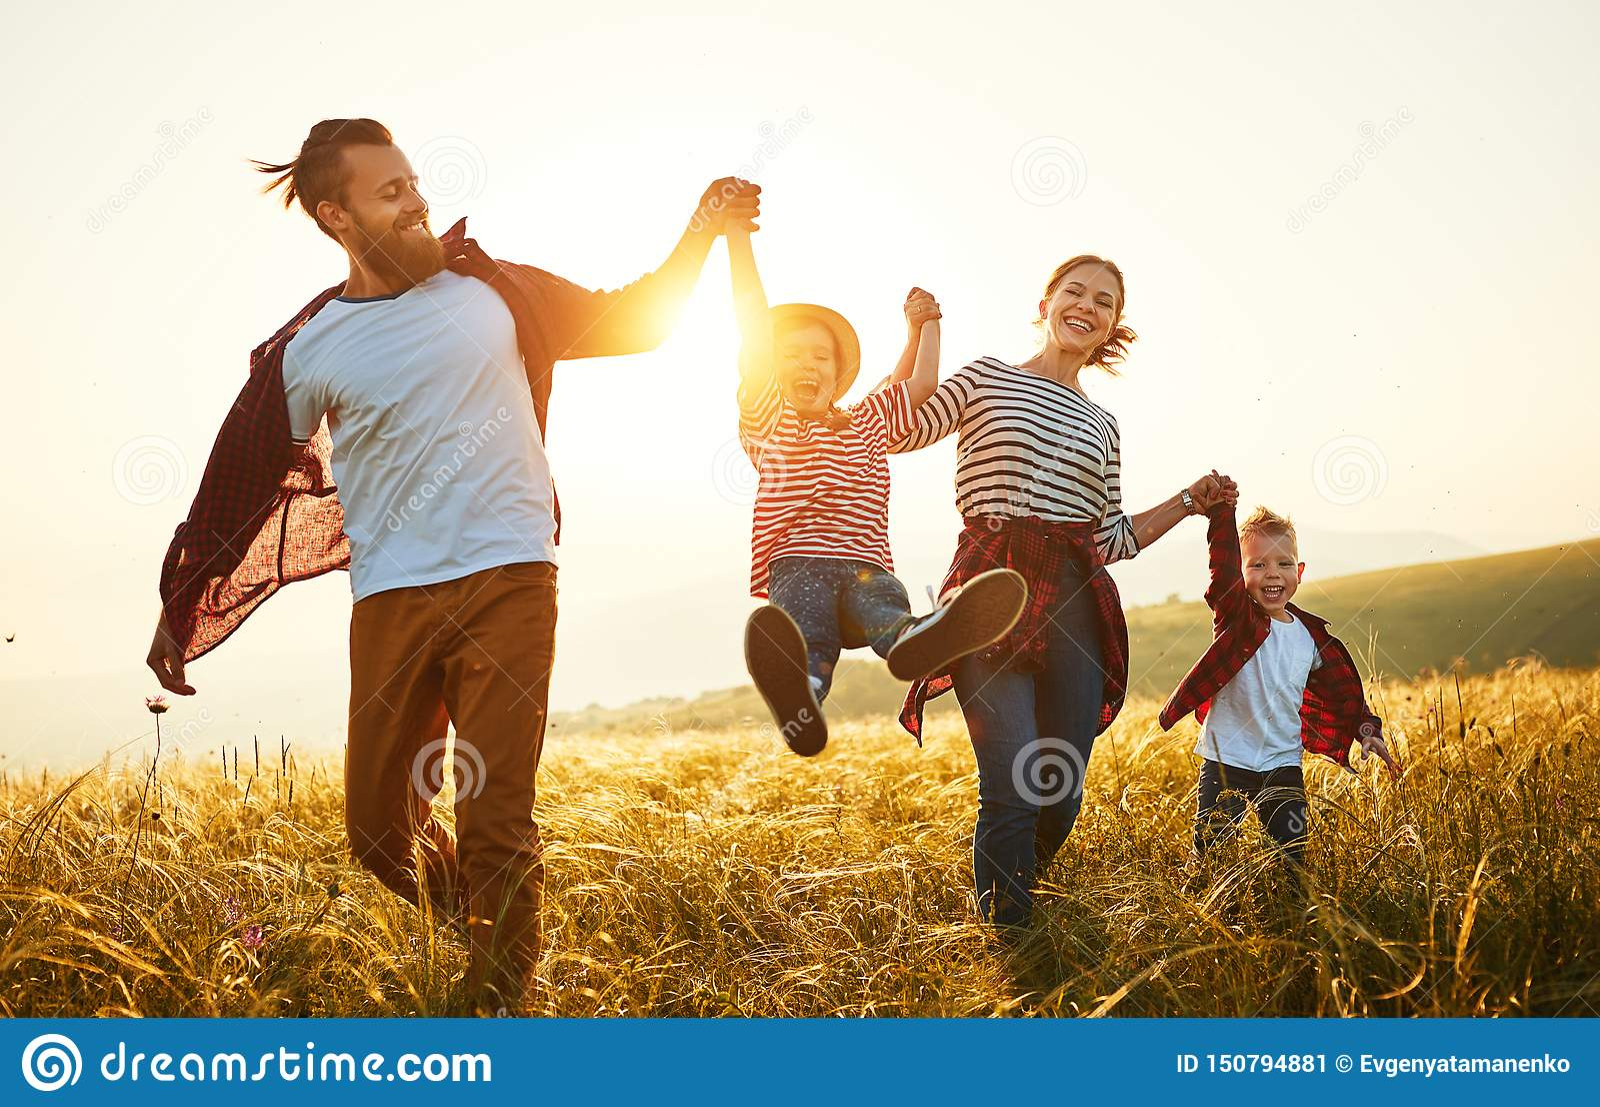 Famiglia felice: madre, padre, bambini figlio e figlia sul tramonto